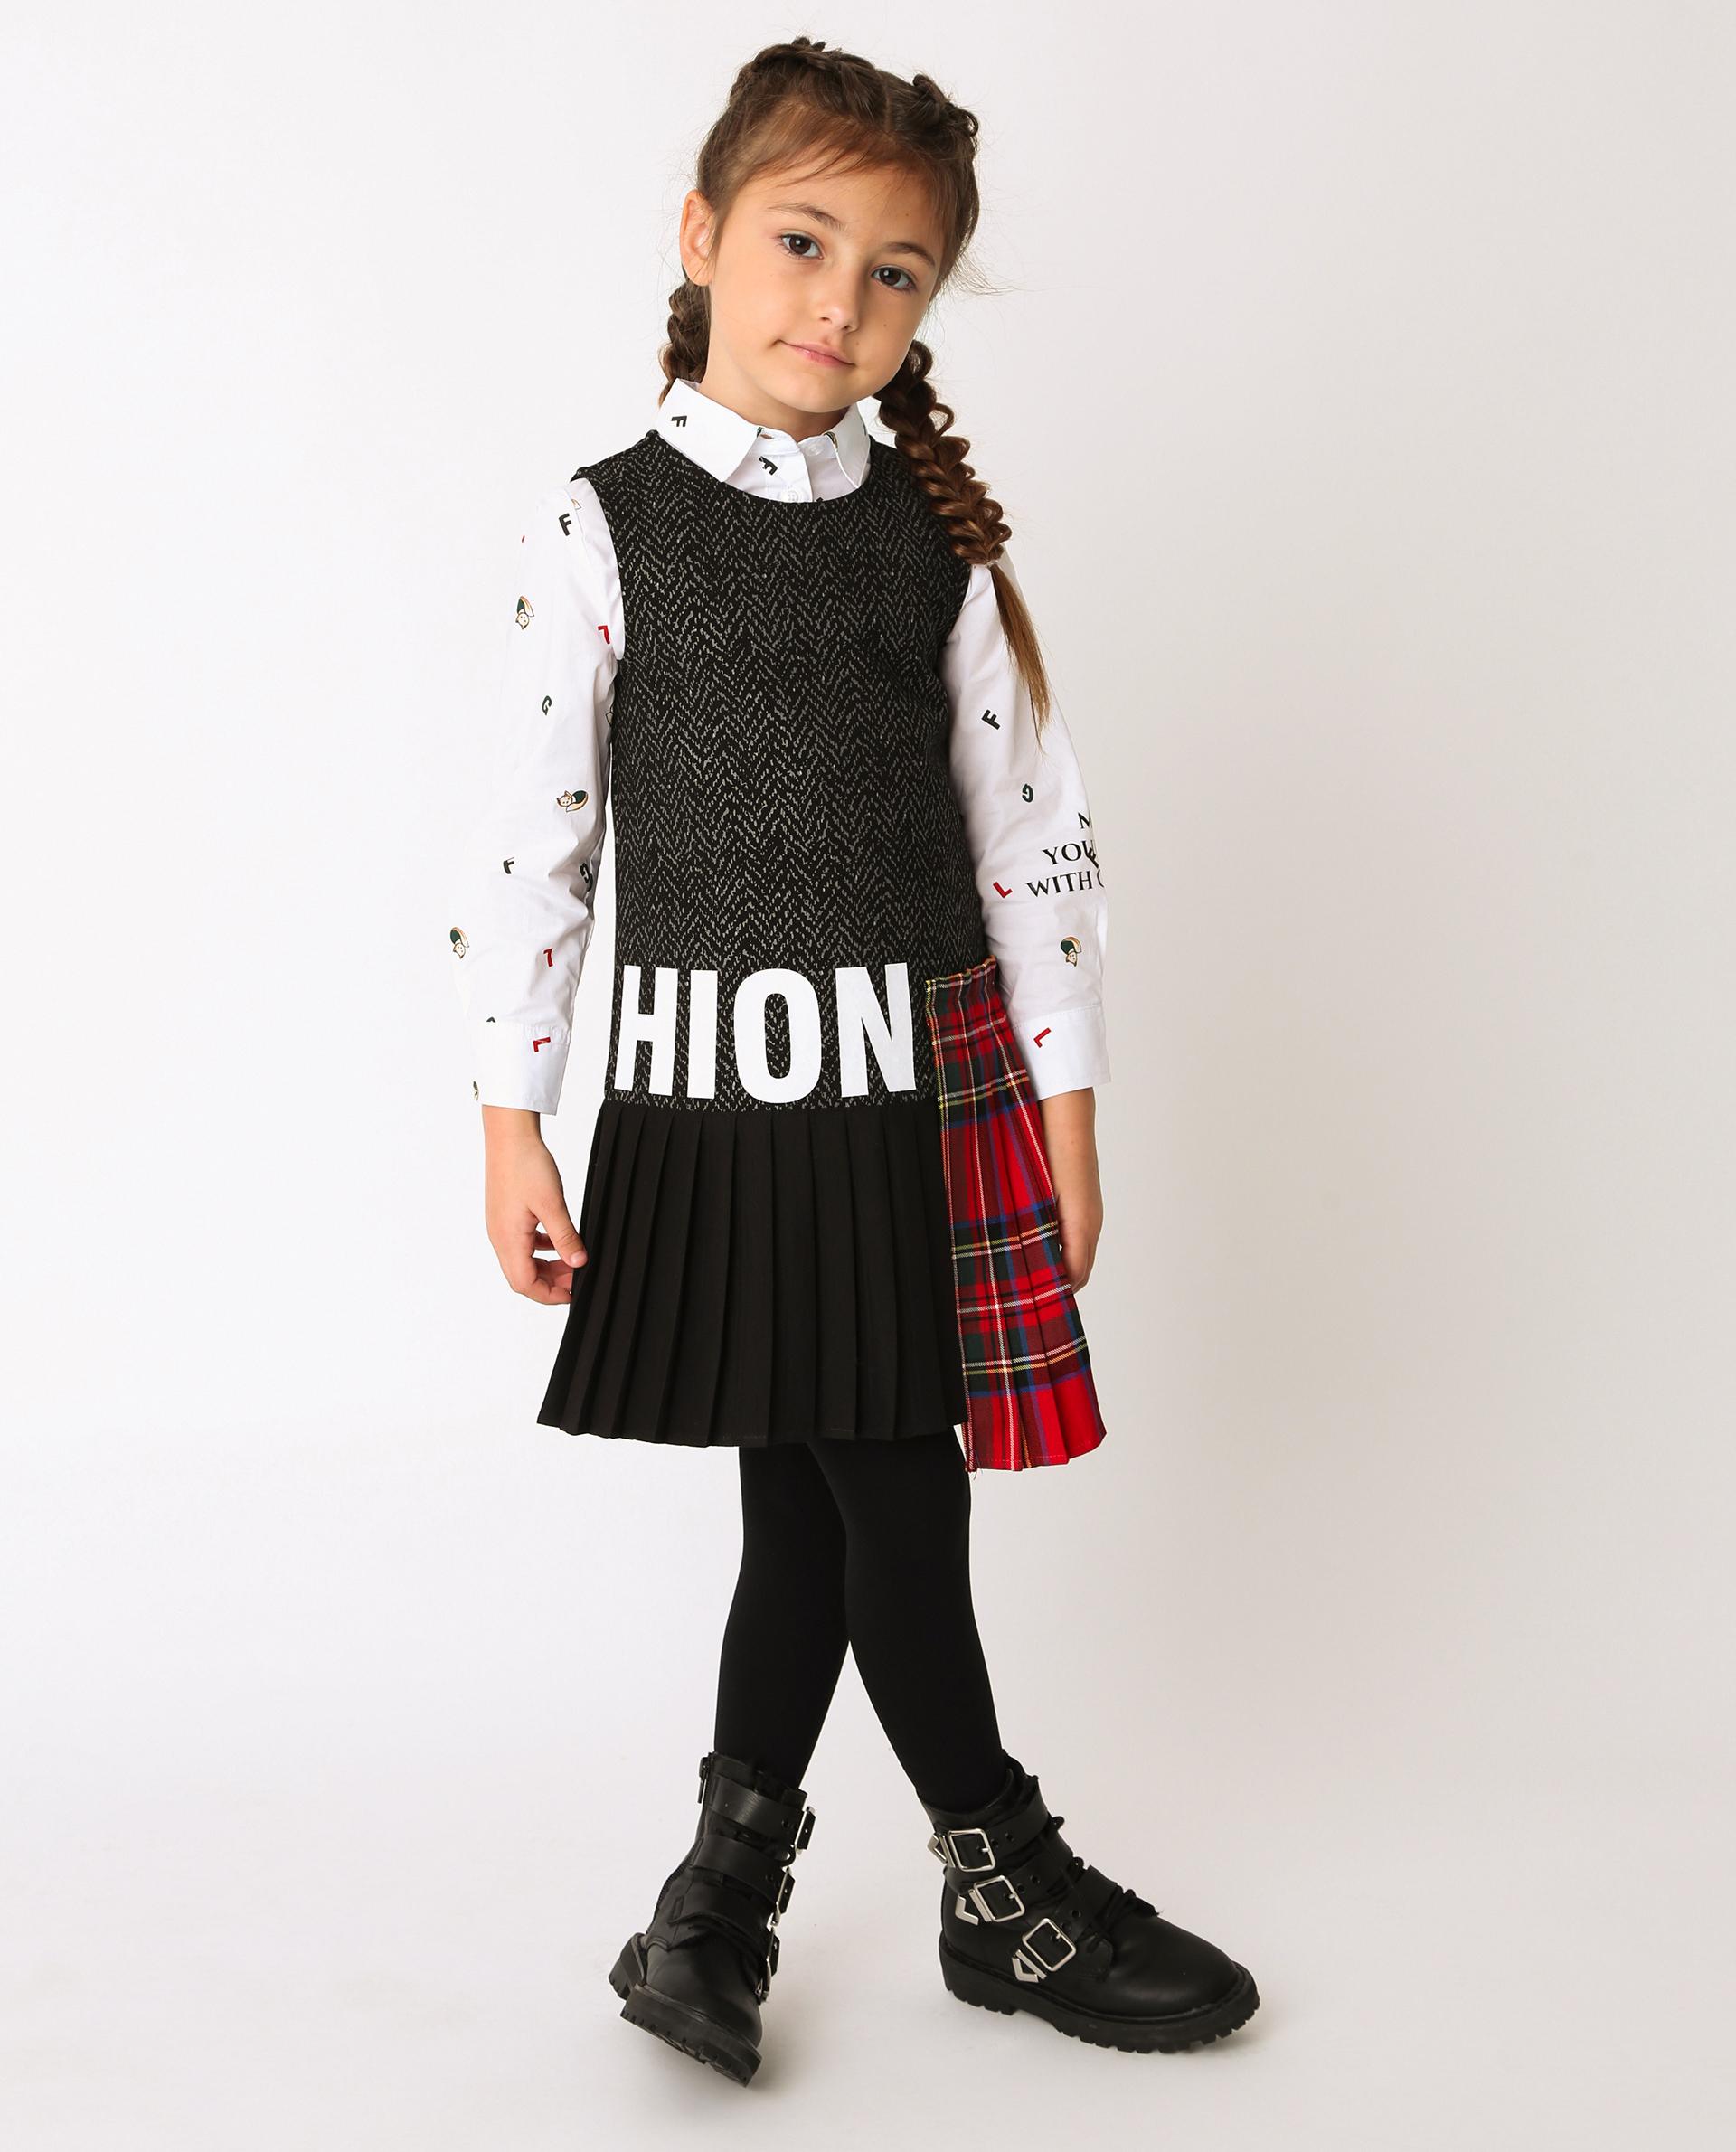 Купить 22002GMC5002, Черное платье Gulliver, черный, 116, Вискоза, Женский, Демисезон, ОСЕНЬ/ЗИМА 2020-2021 (shop: GulliverMarket Gulliver Market)